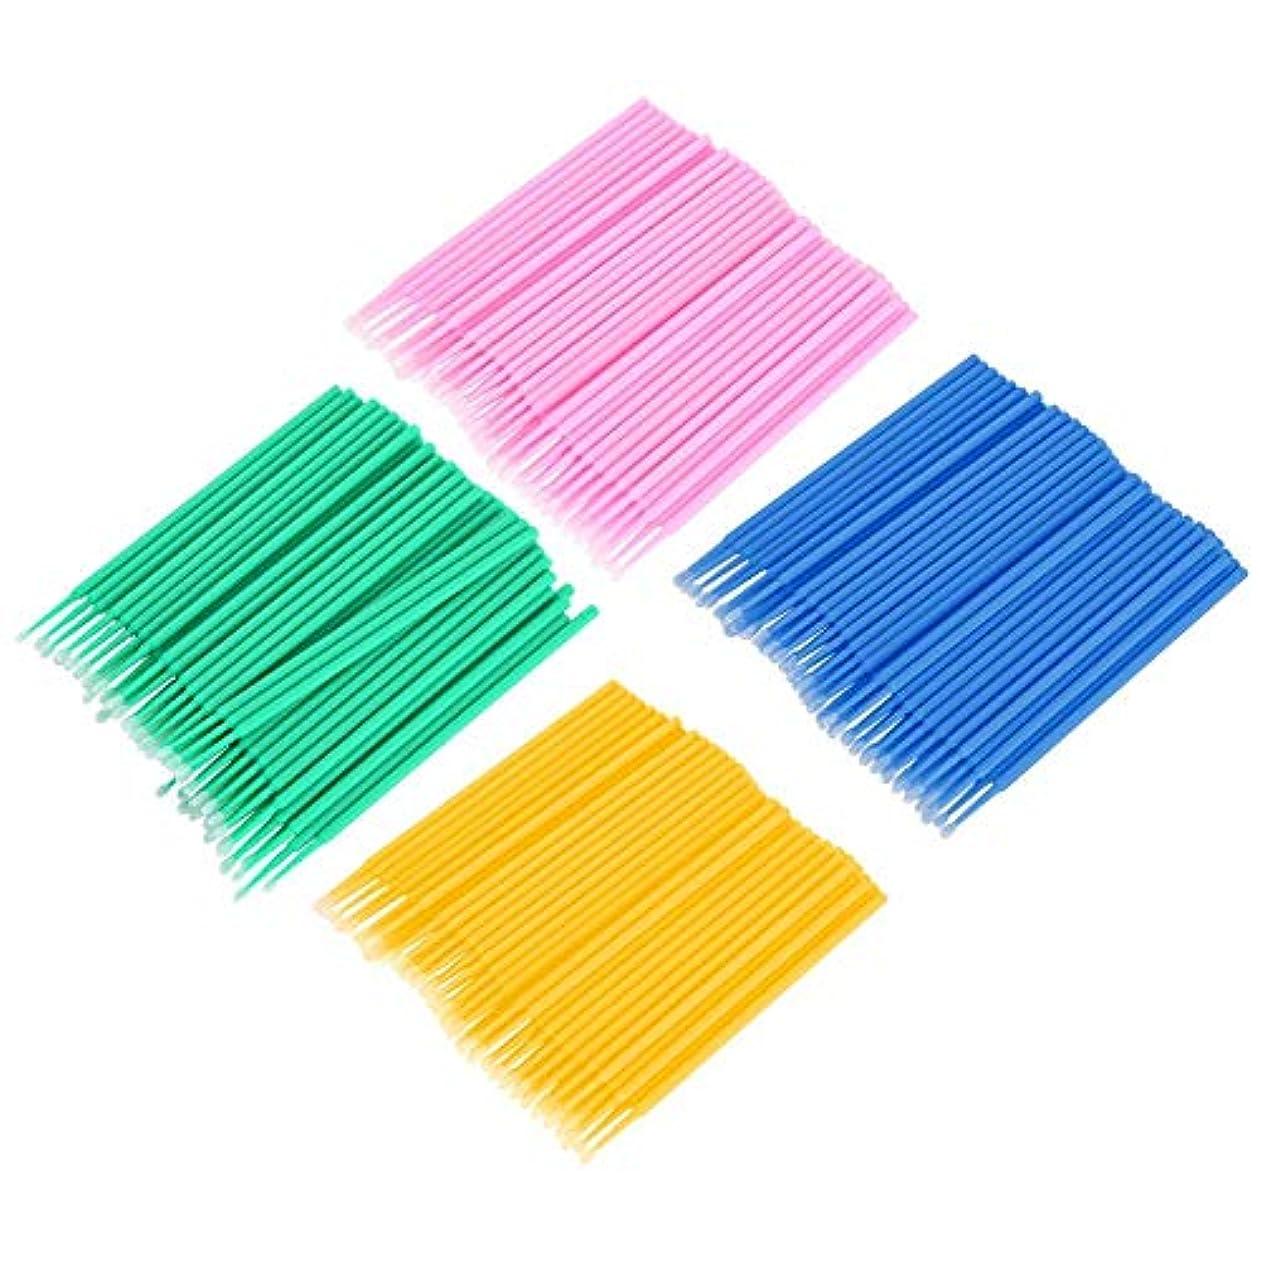 命令的寺院項目Semmeコットン綿棒、まつげリムーバーまたはプライマーコットンスティック400個使い捨てコットンスティックまつげクリーニングスティックマイクロブラシ綿棒まつげライト